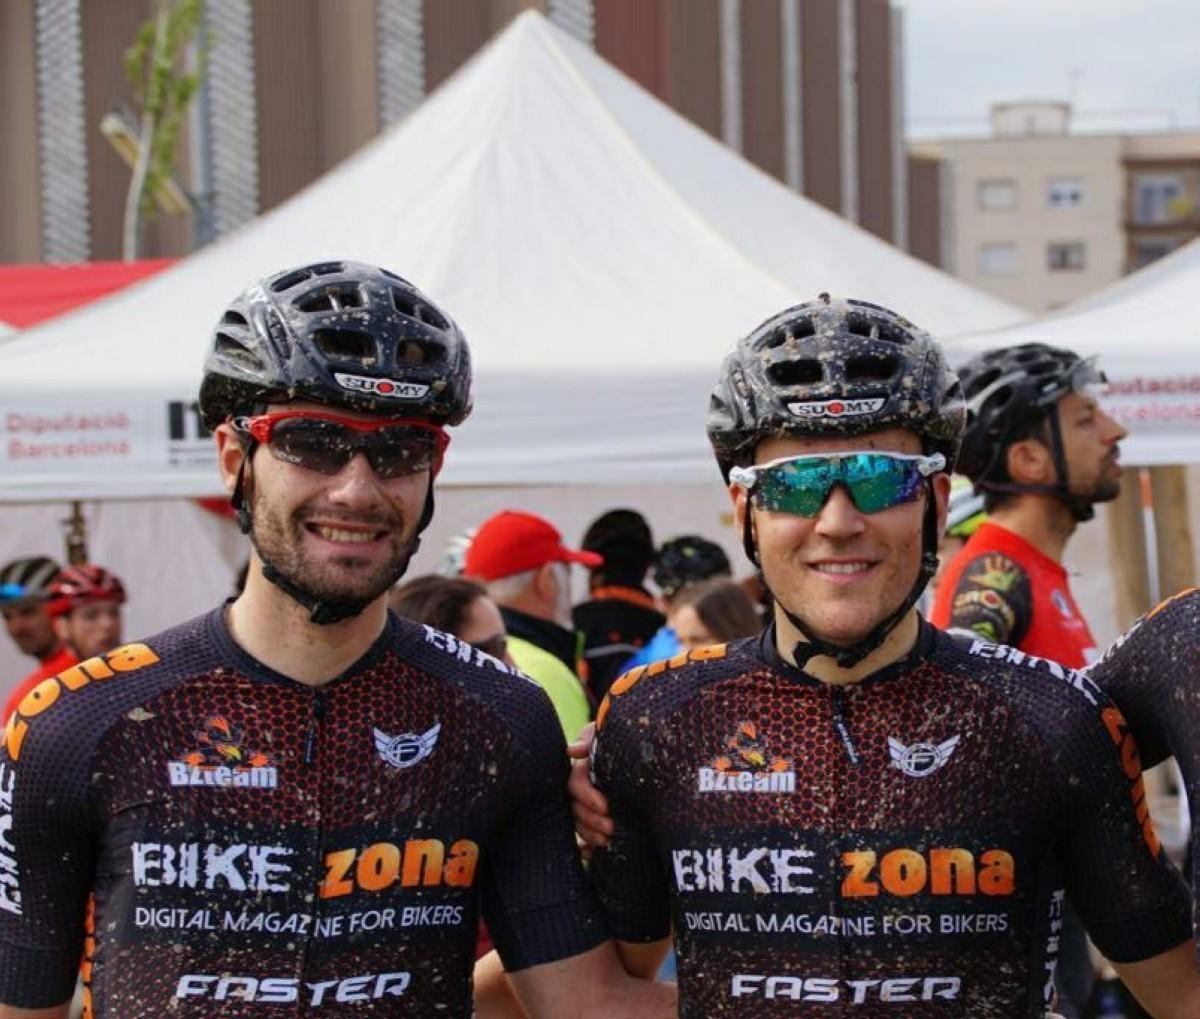 Ibai Arco y Jon Tena representantes del BZ Team en los Campeonatos de España de MTB